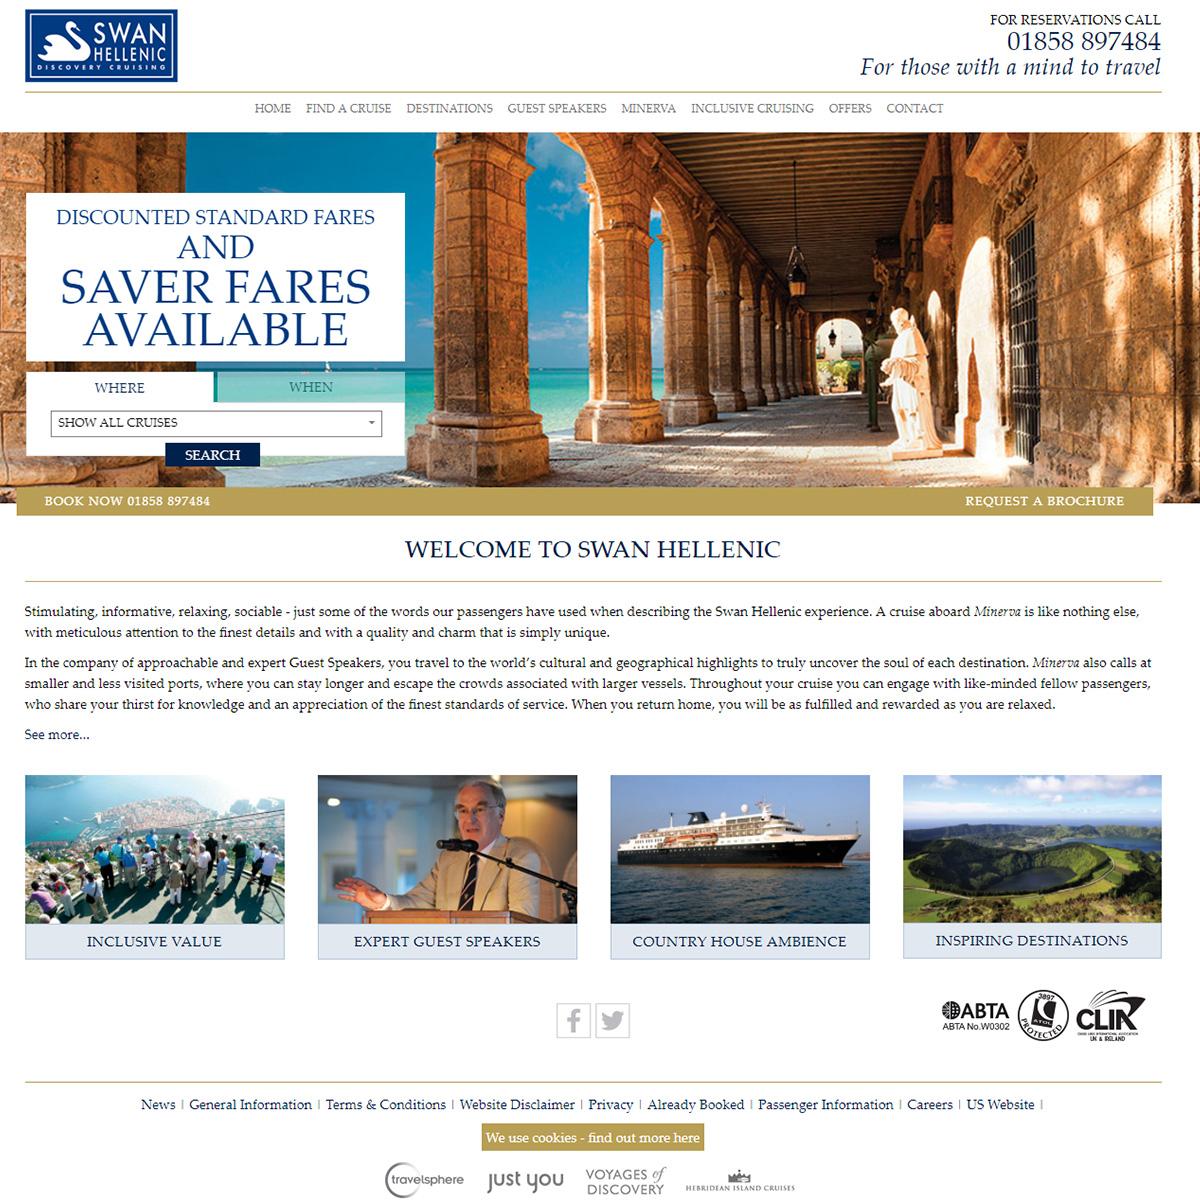 Swan Hellenic website